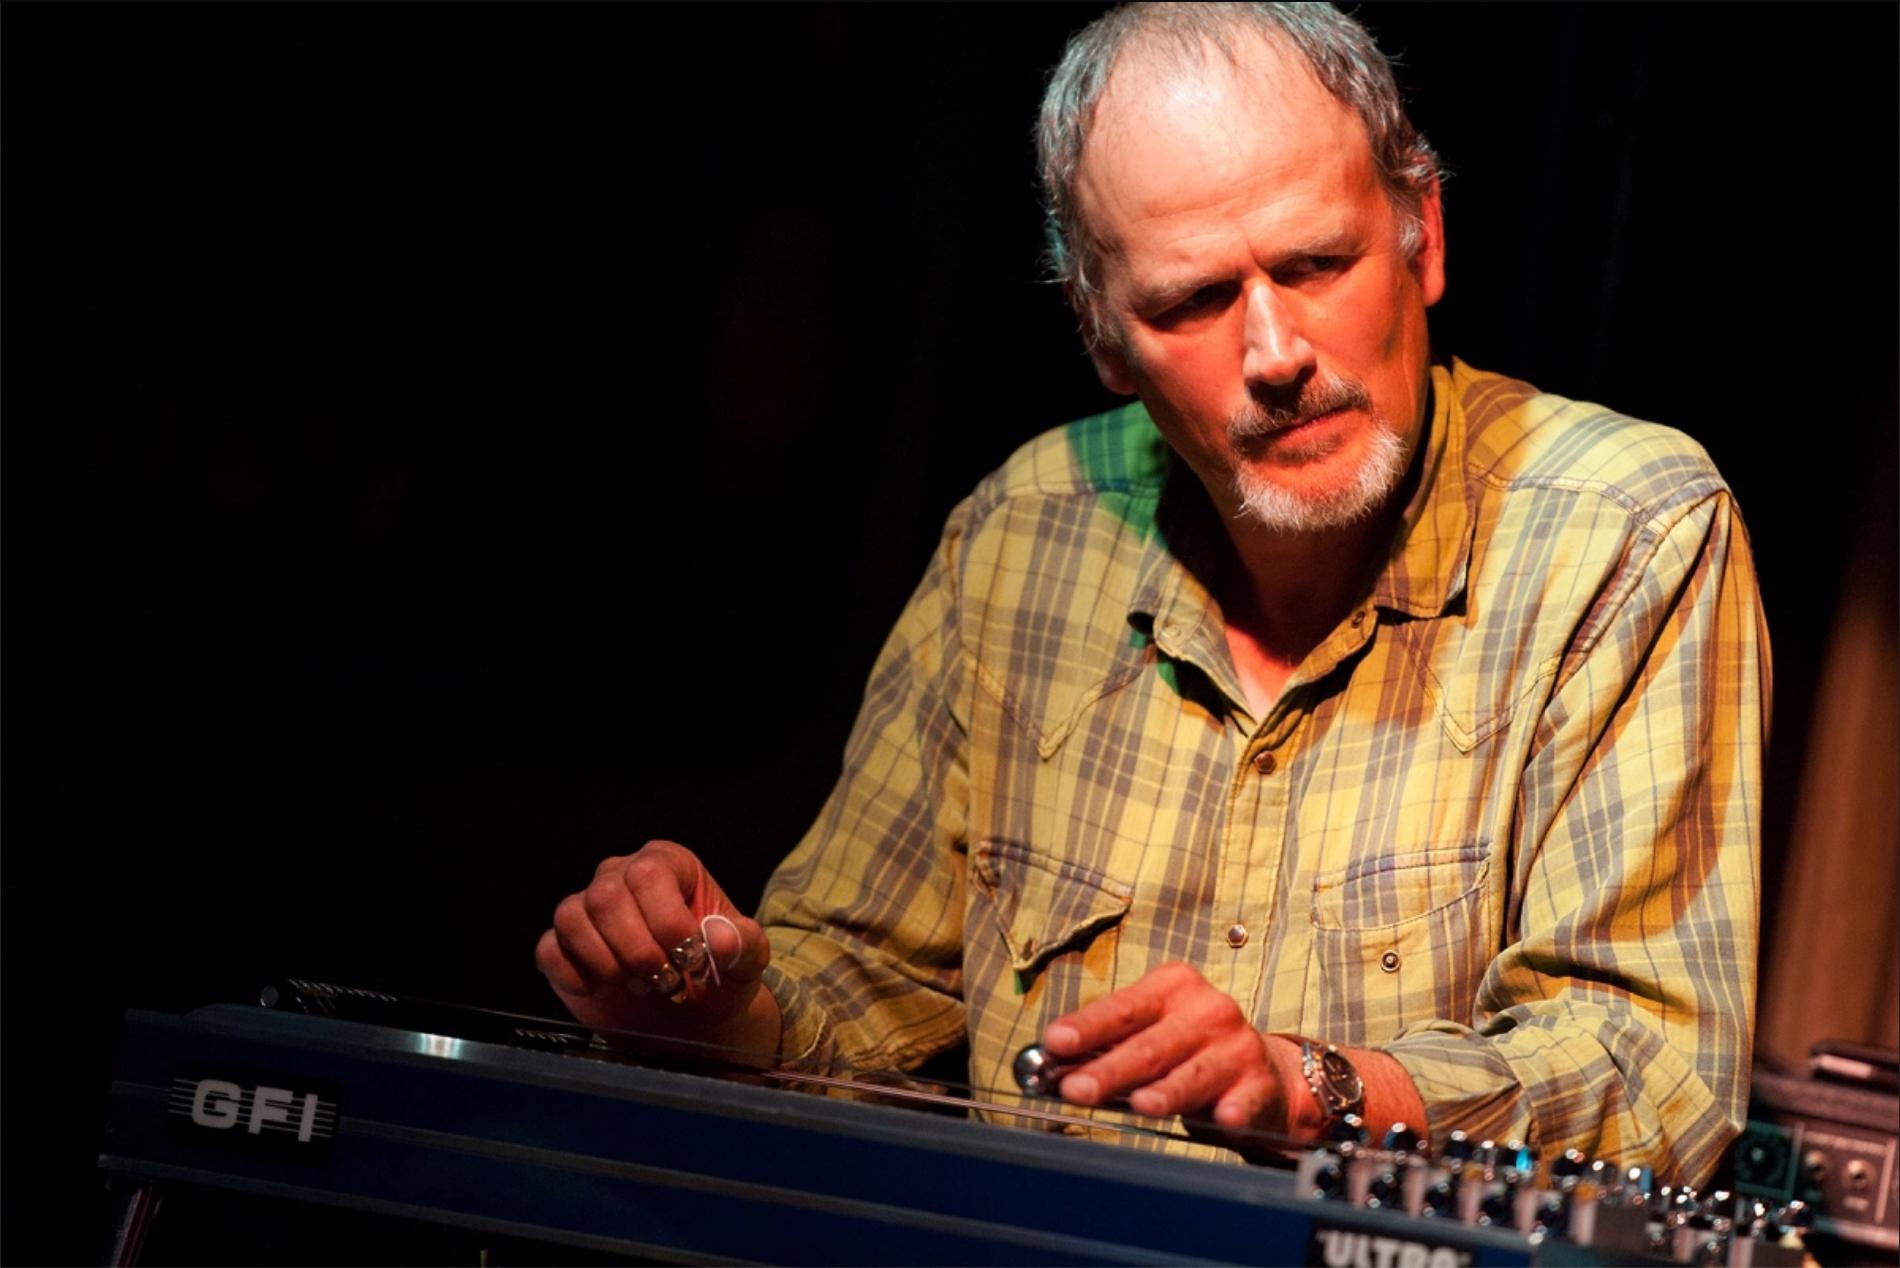 È morto Bucky Baxter, l'asso della pedal steel che suonava con Dylan